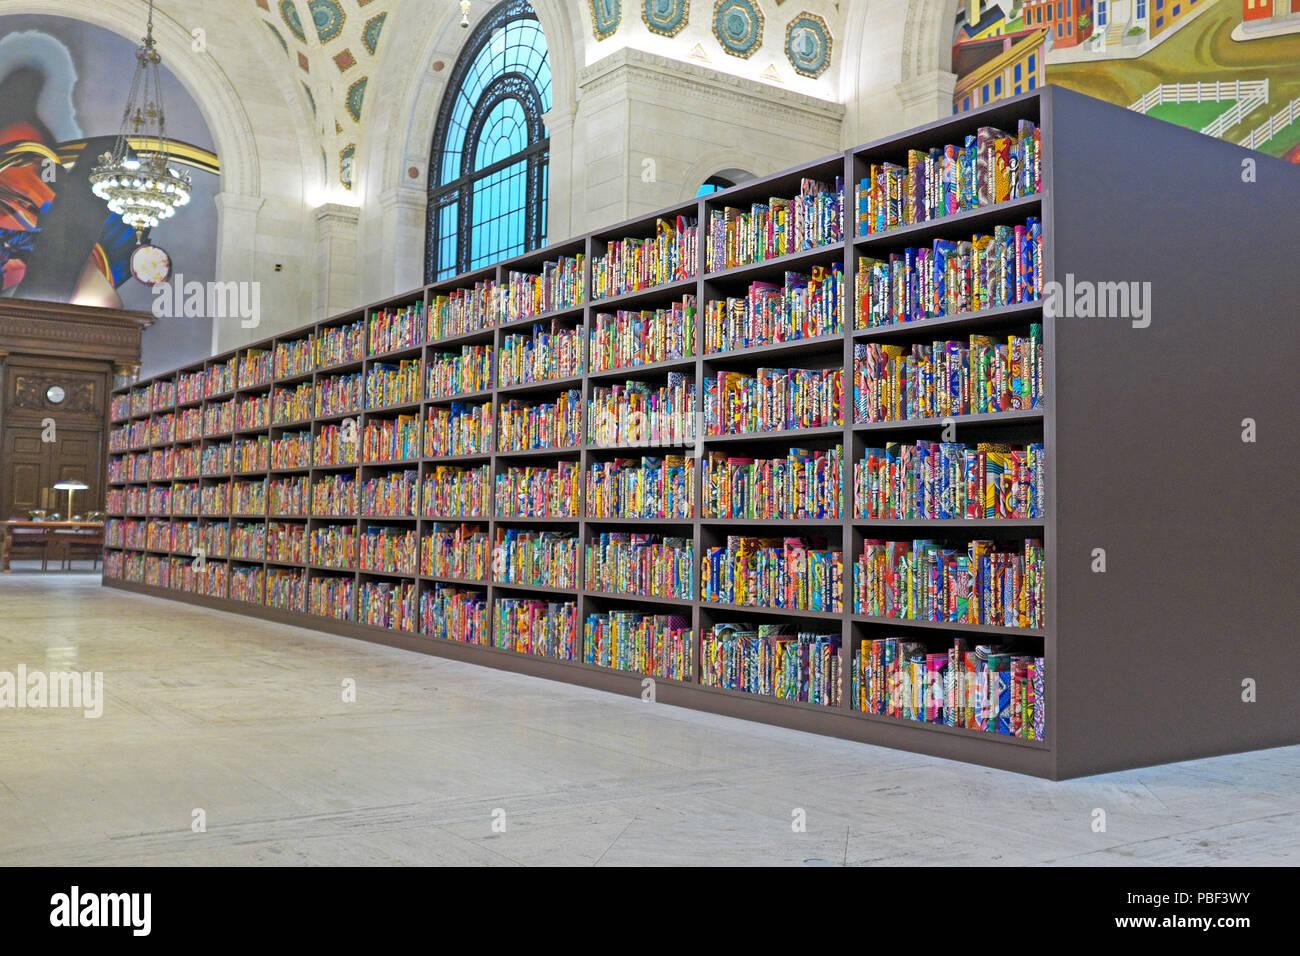 La American Library instalación artística por Yinka Shonibare en Cleveland Public Library Brett Hall en Cleveland, Ohio, EE.UU. Imagen De Stock